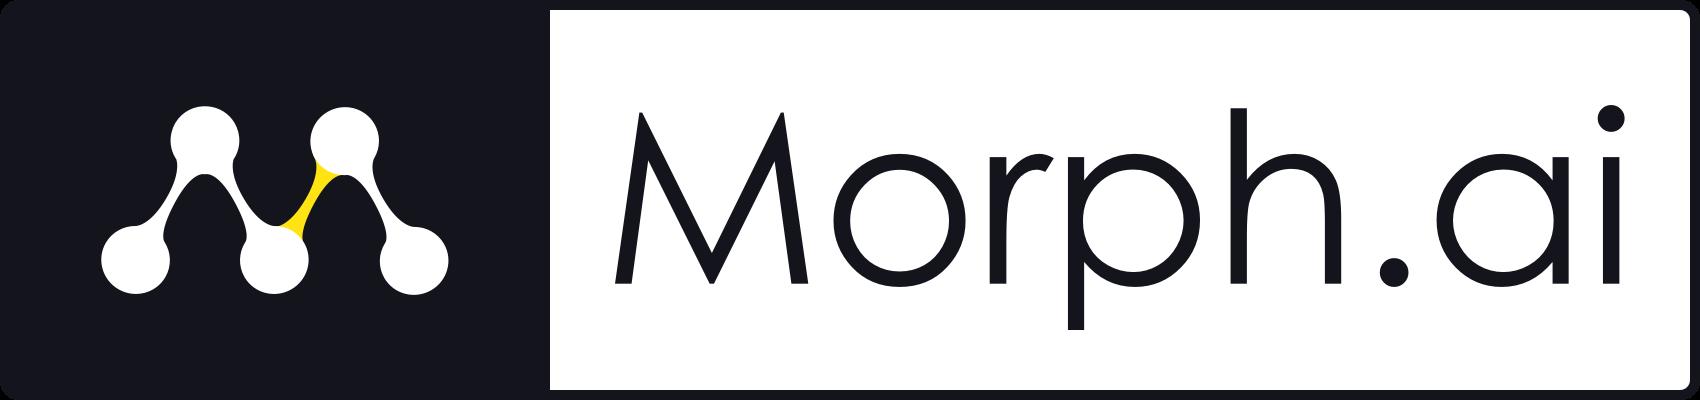 Morph.ai